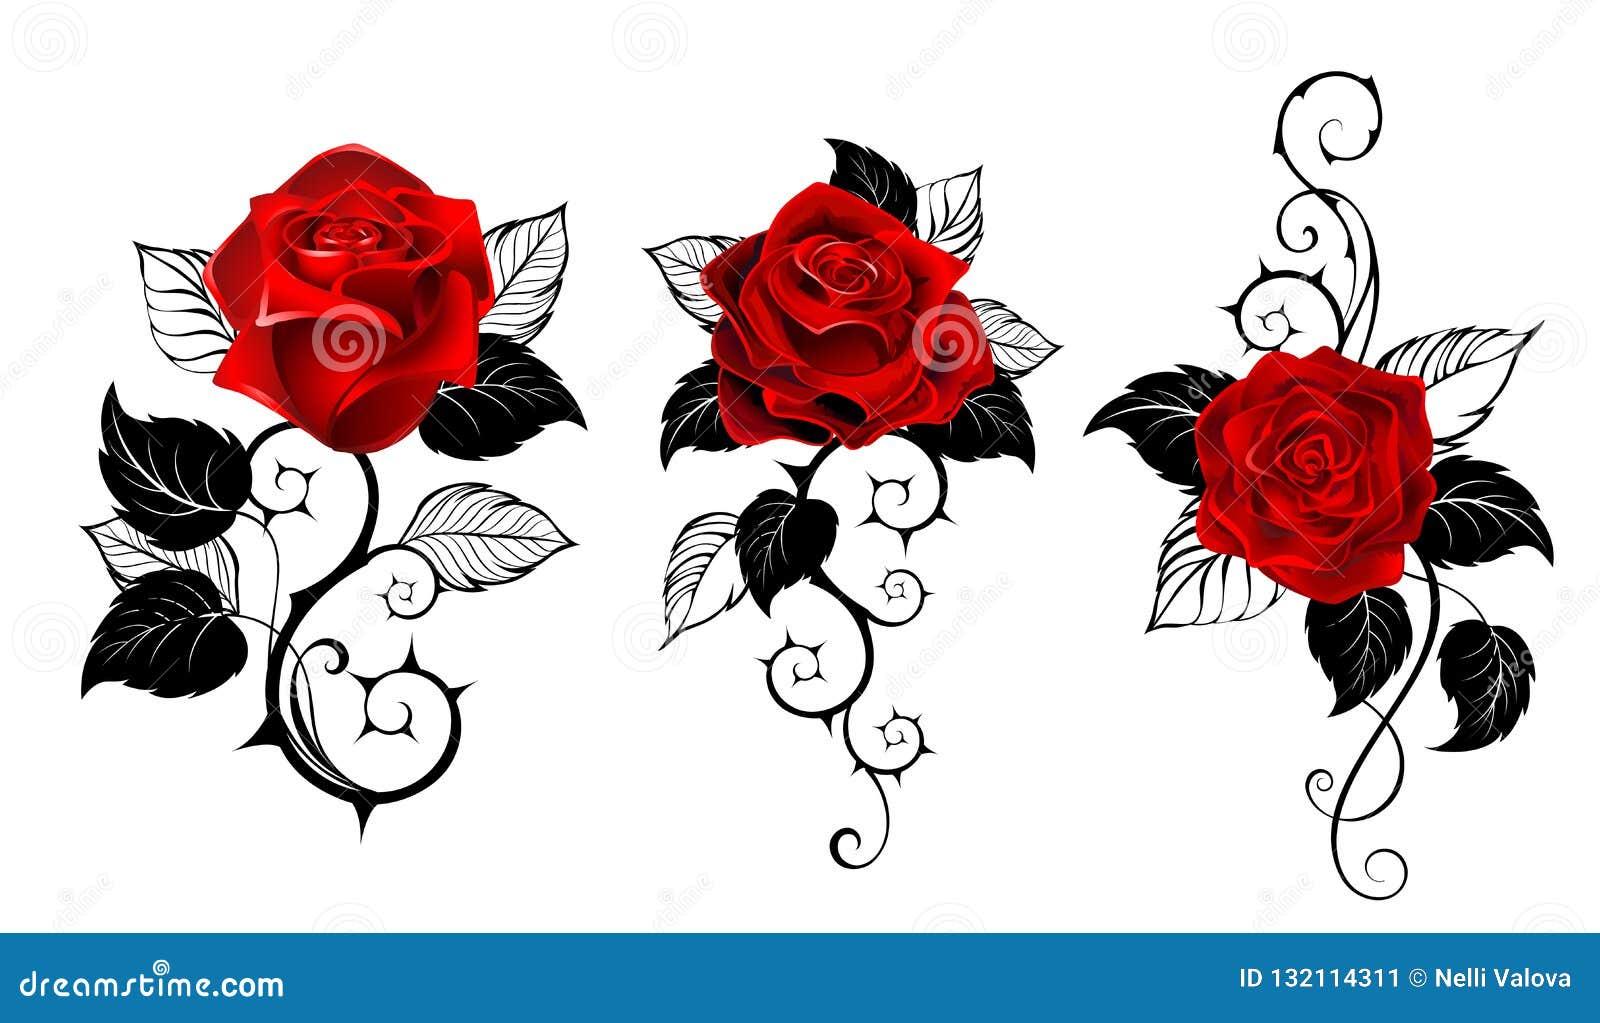 纹身花刺的三英国兰开斯特家族族徽